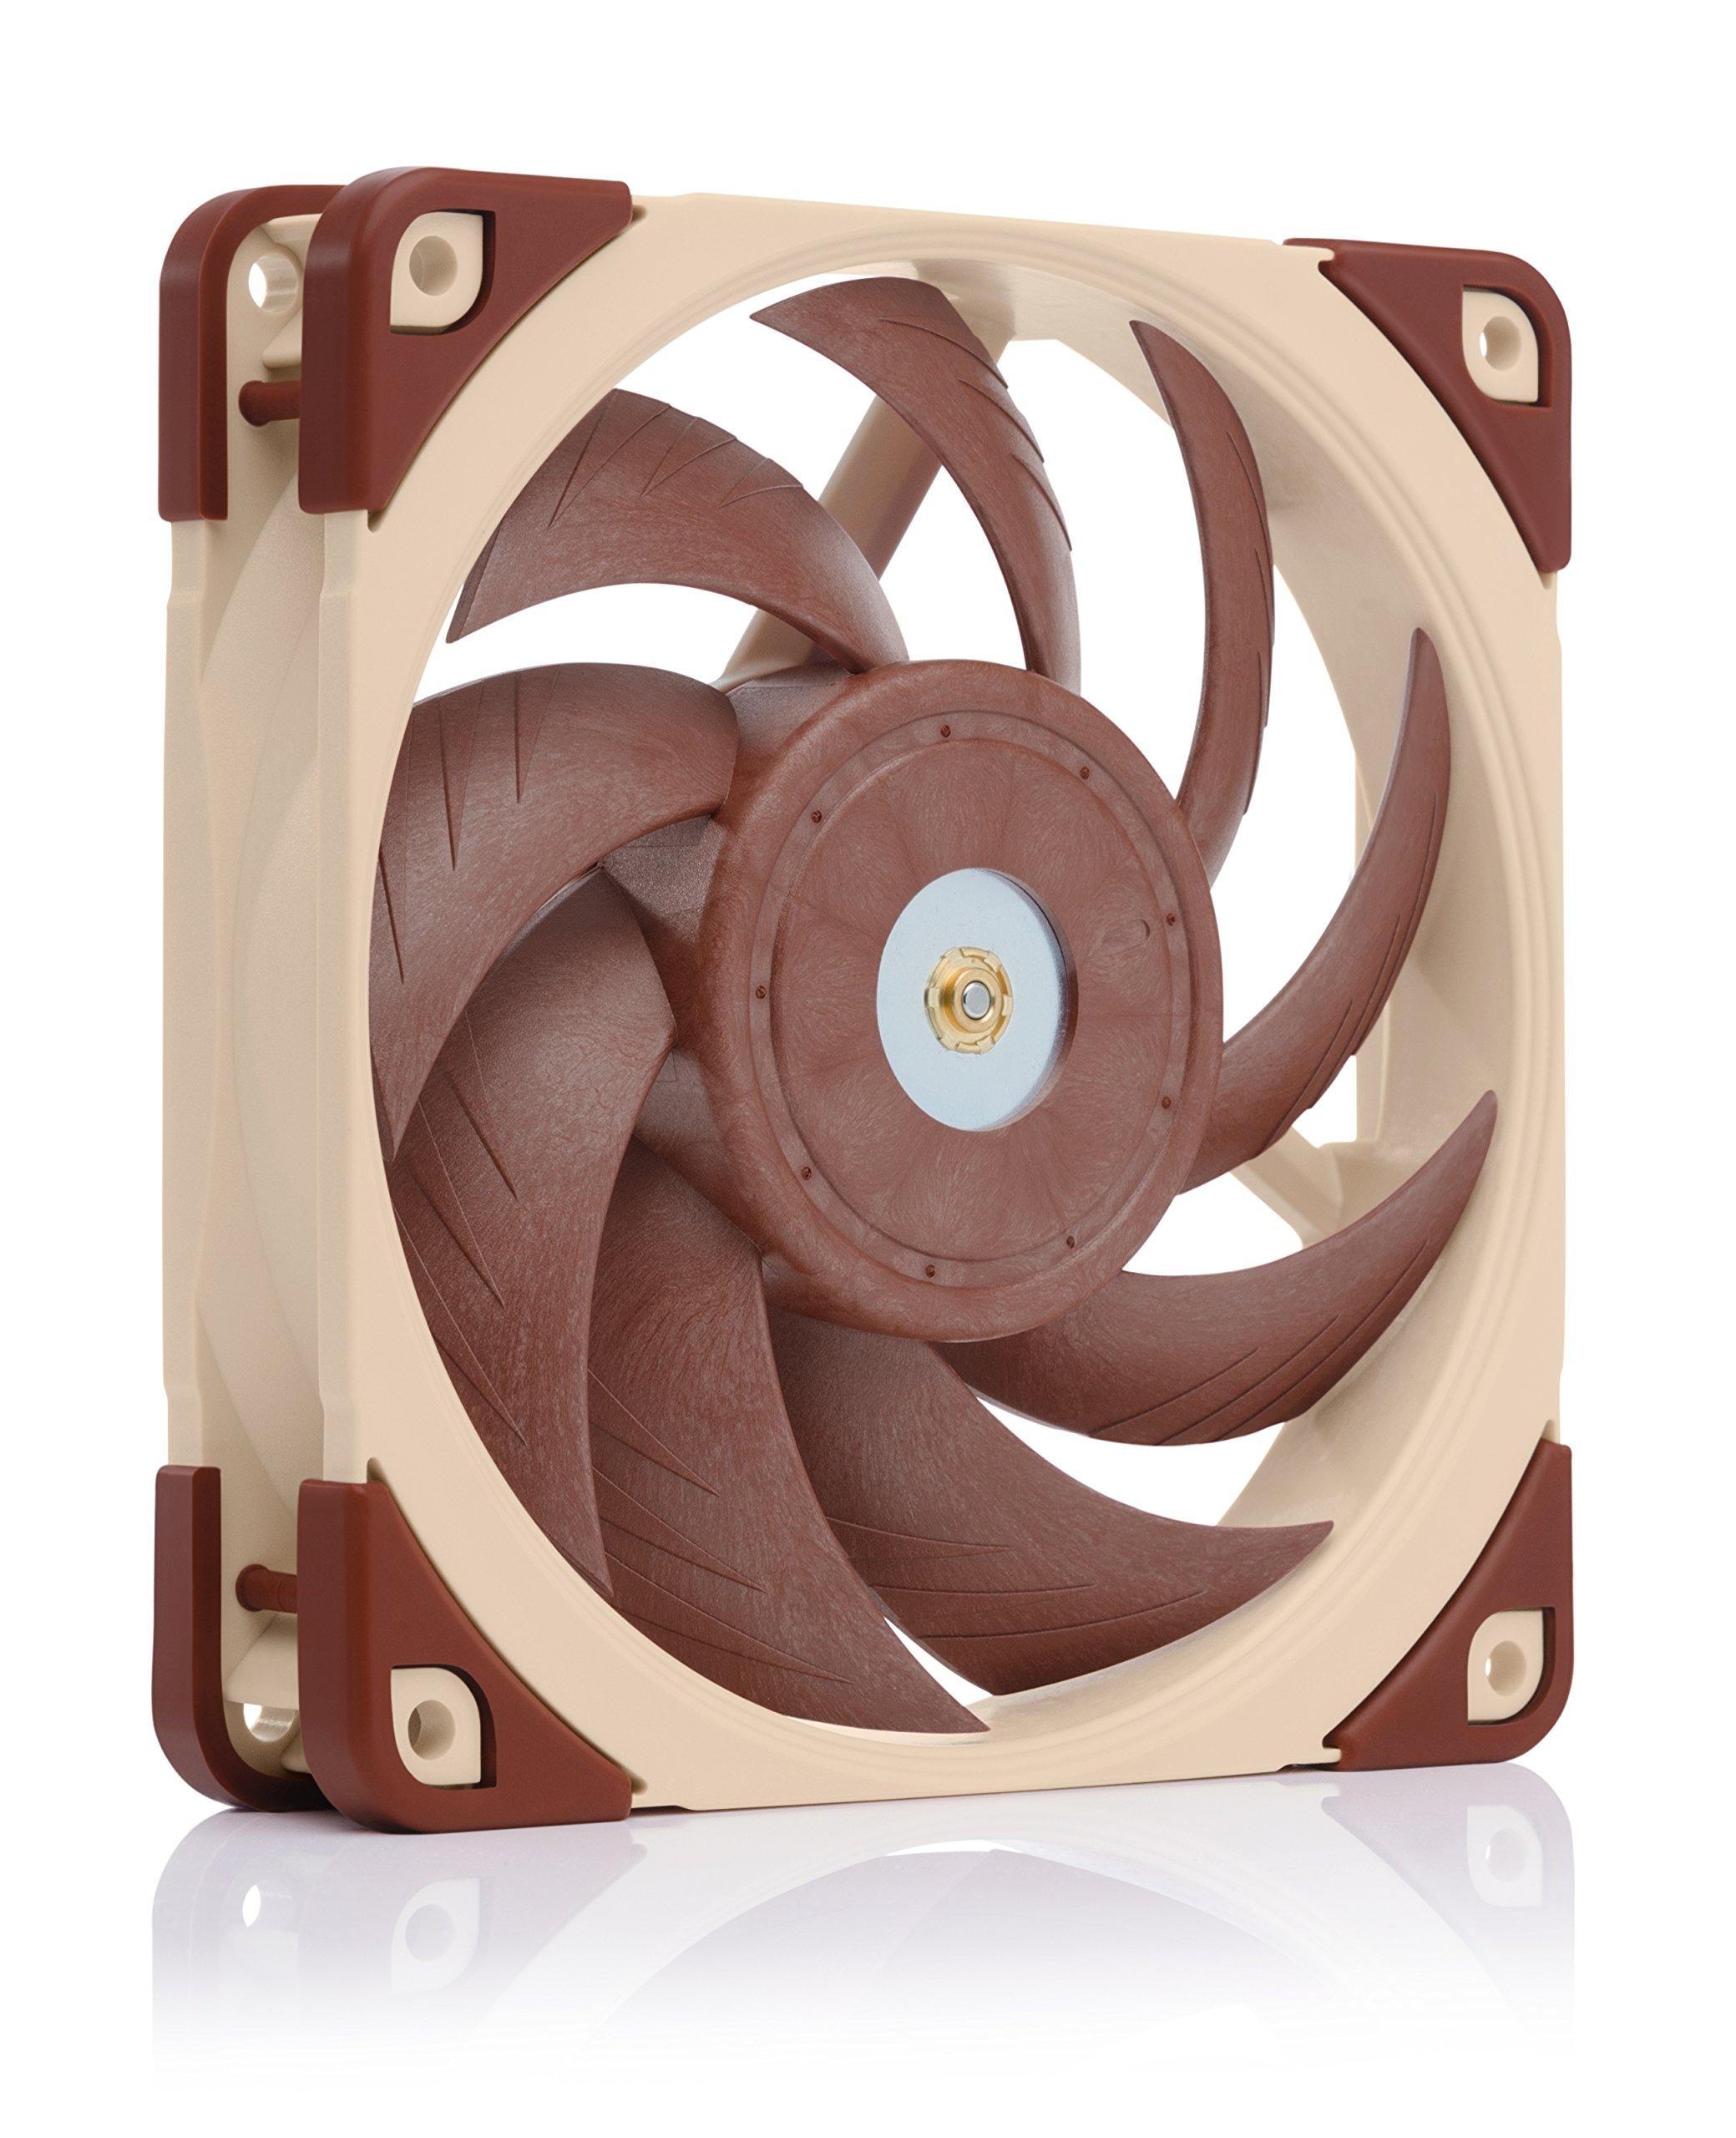 noctua NF-A12x25 PWM premium-quality quiet 120mm fan